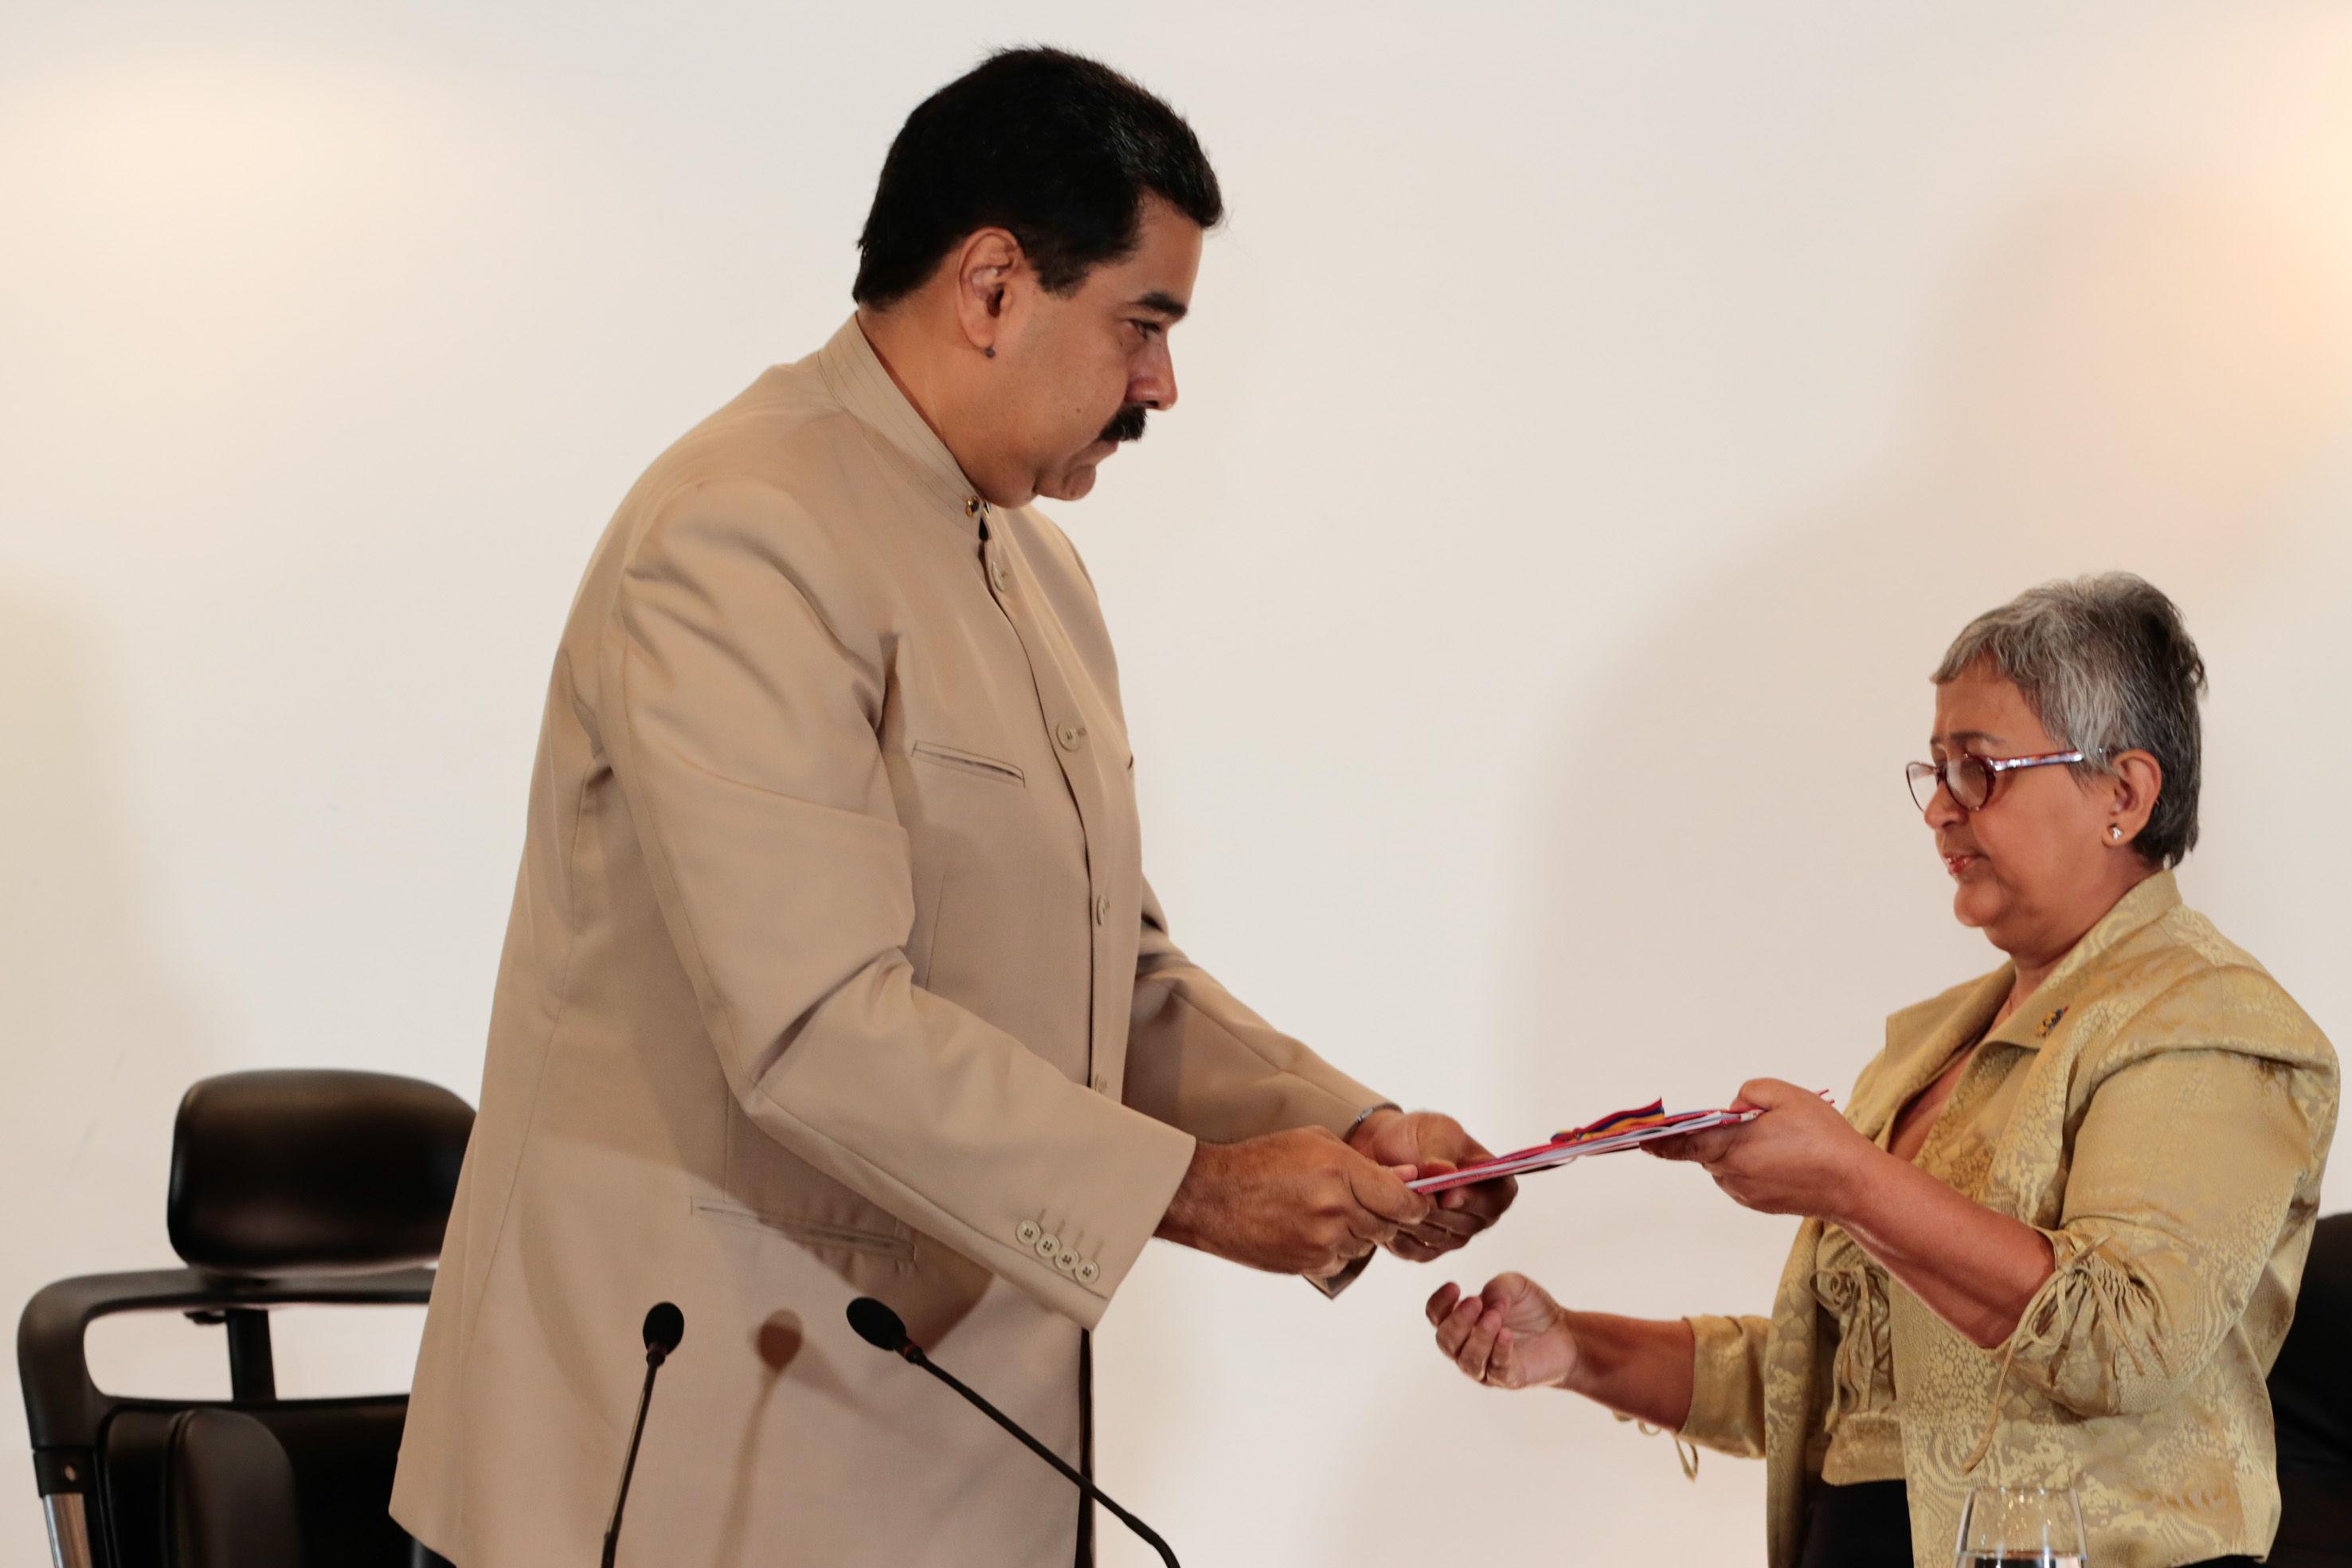 """El presidente de la República, Nicolás Maduro, entregó el pasado miércoles a la presidenta del Consejo Nacional Electoral (CNE), Tibisay Lucena, el decreto que convoca a la Asamblea Nacional Constituyente """"comunal"""". Foto: AVN"""